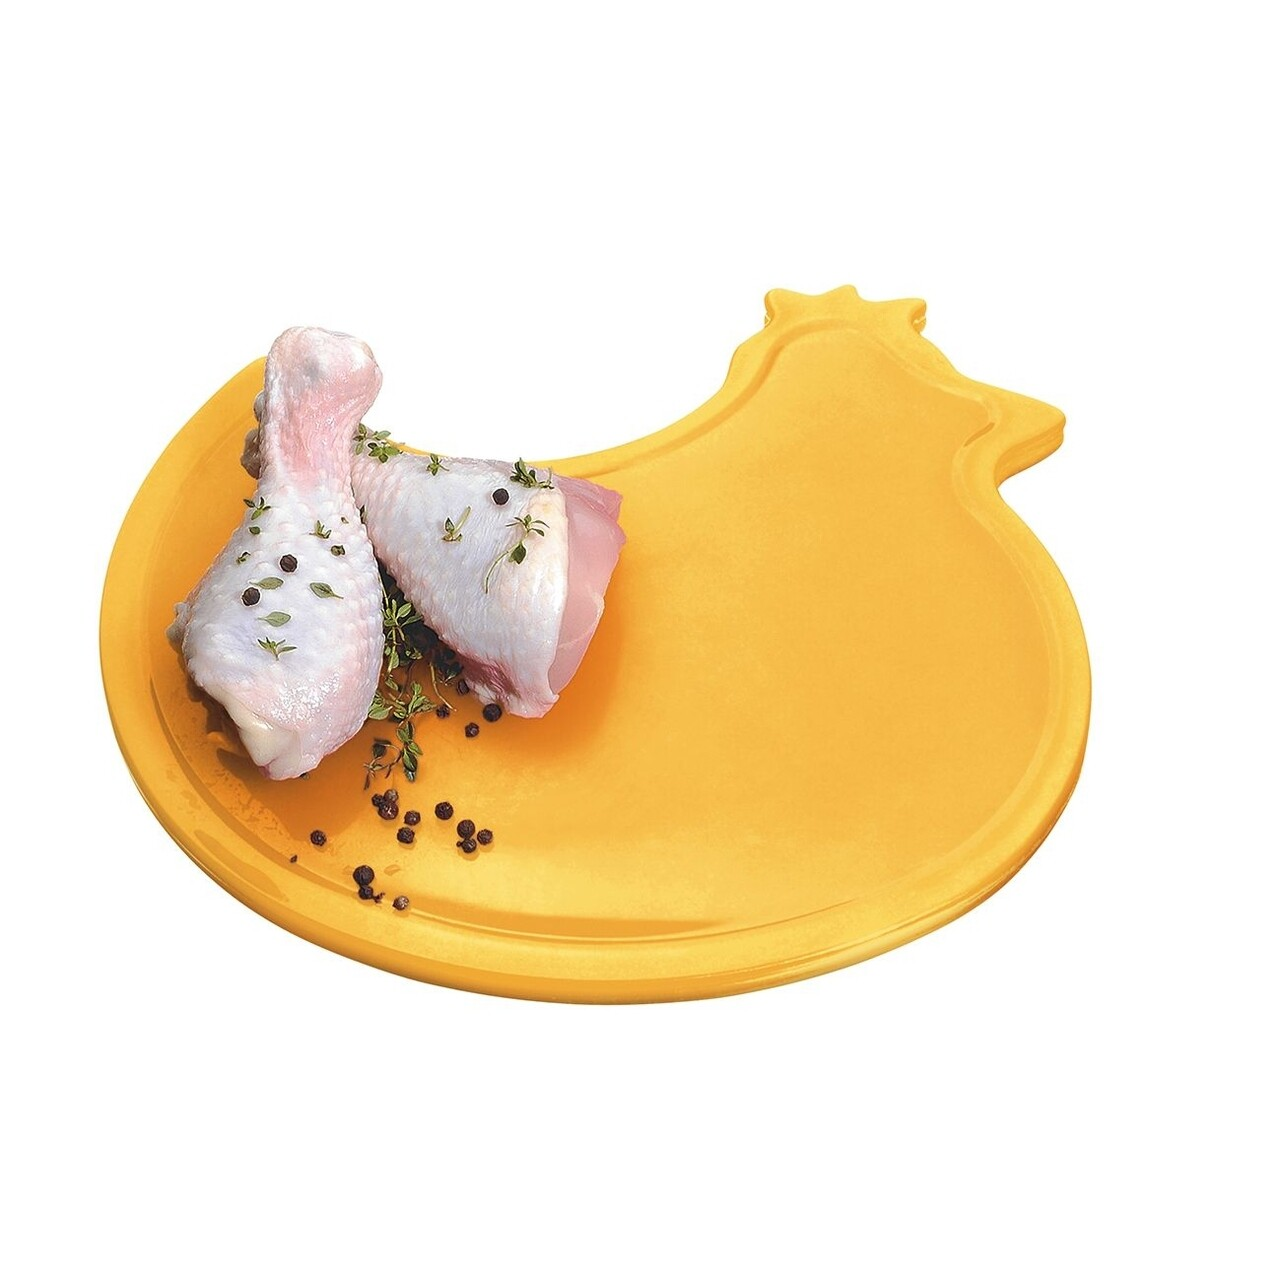 Tocator in forma de pui, Casar, 0.8 x 23 x 28 cm, plastic, portocaliu